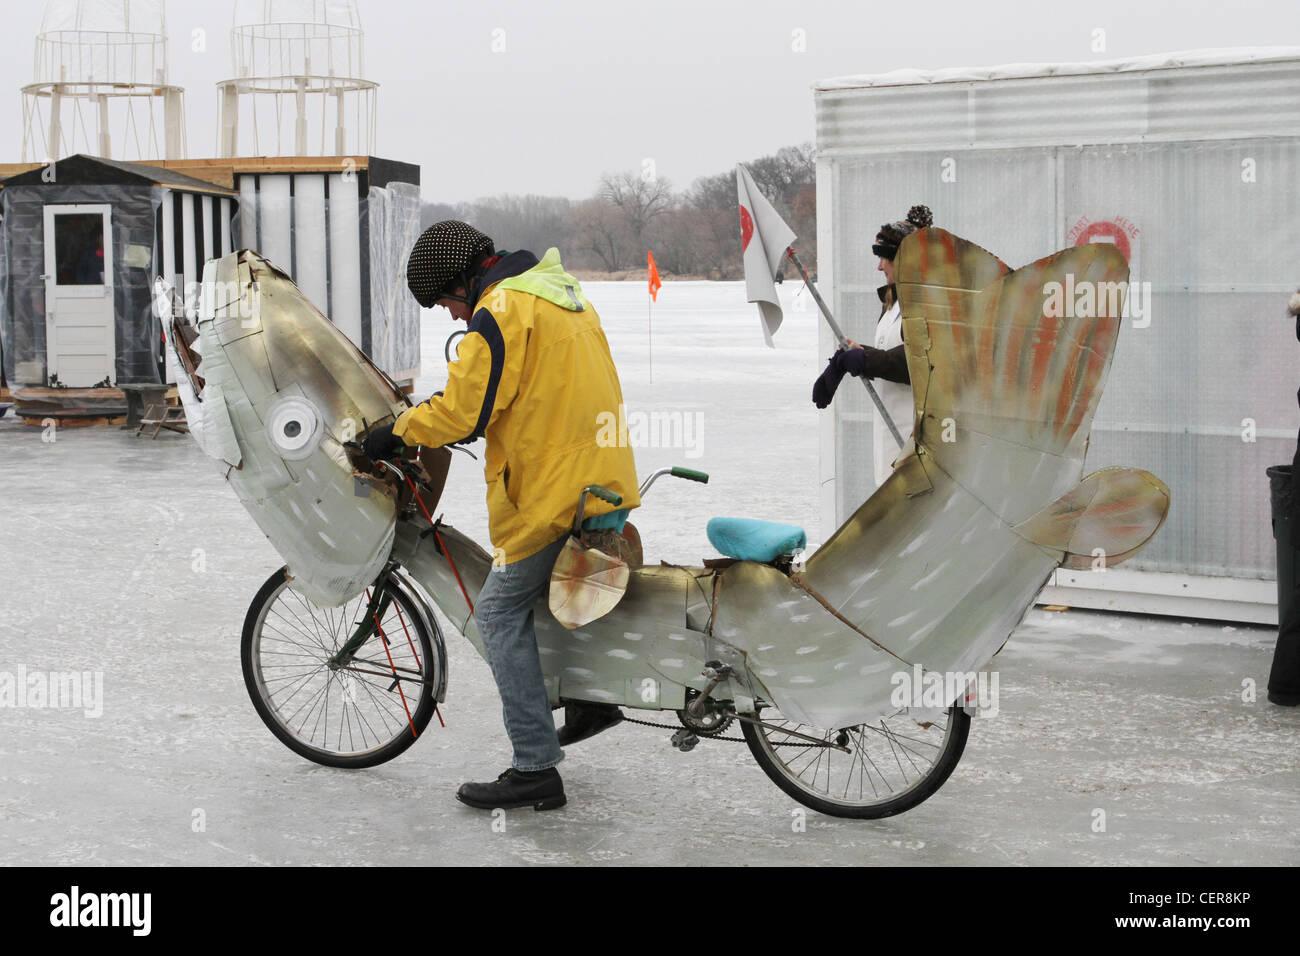 Una persona en forma de bicicleta como un pez en el arte Proyecto chabolas en Minneapolis, Minnesota. Foto de stock